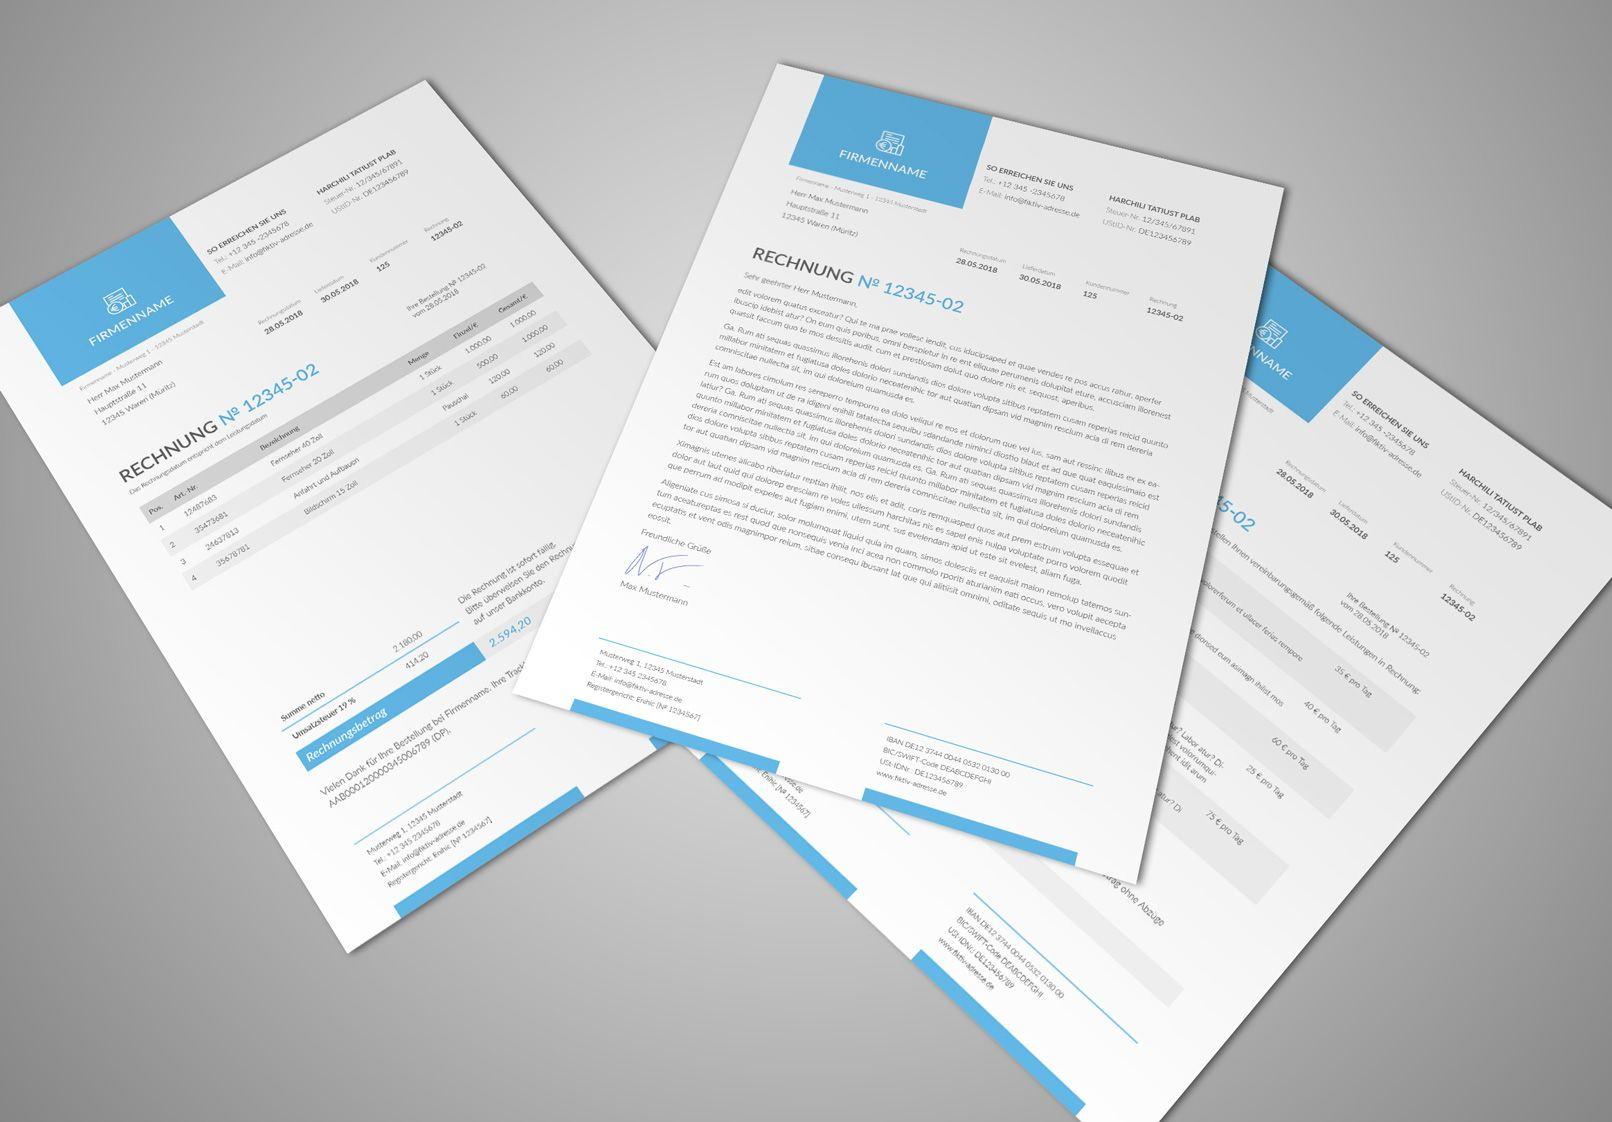 Rechnungsvorlagen Lieferscheine Und Angebote Fur Word Co Rechnungsvorlage Rechnung Vorlage Rechnung